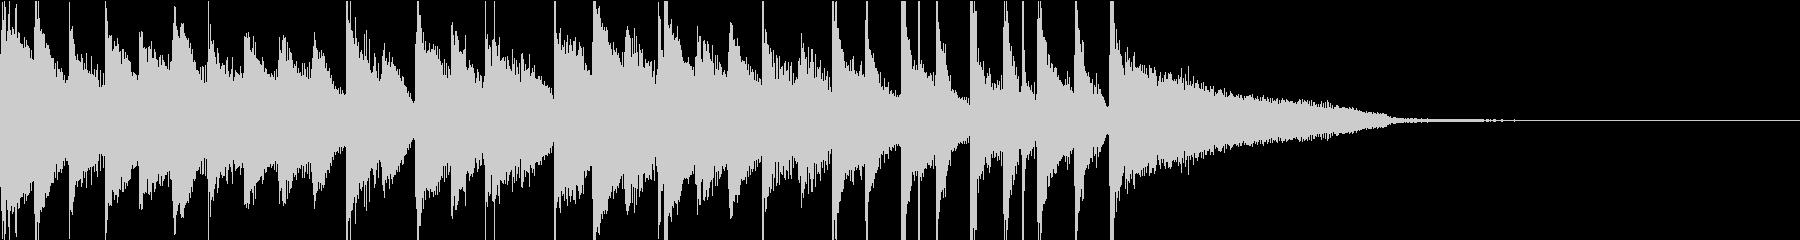 ほのぼの系15秒ジャストのバンドサウンドの未再生の波形